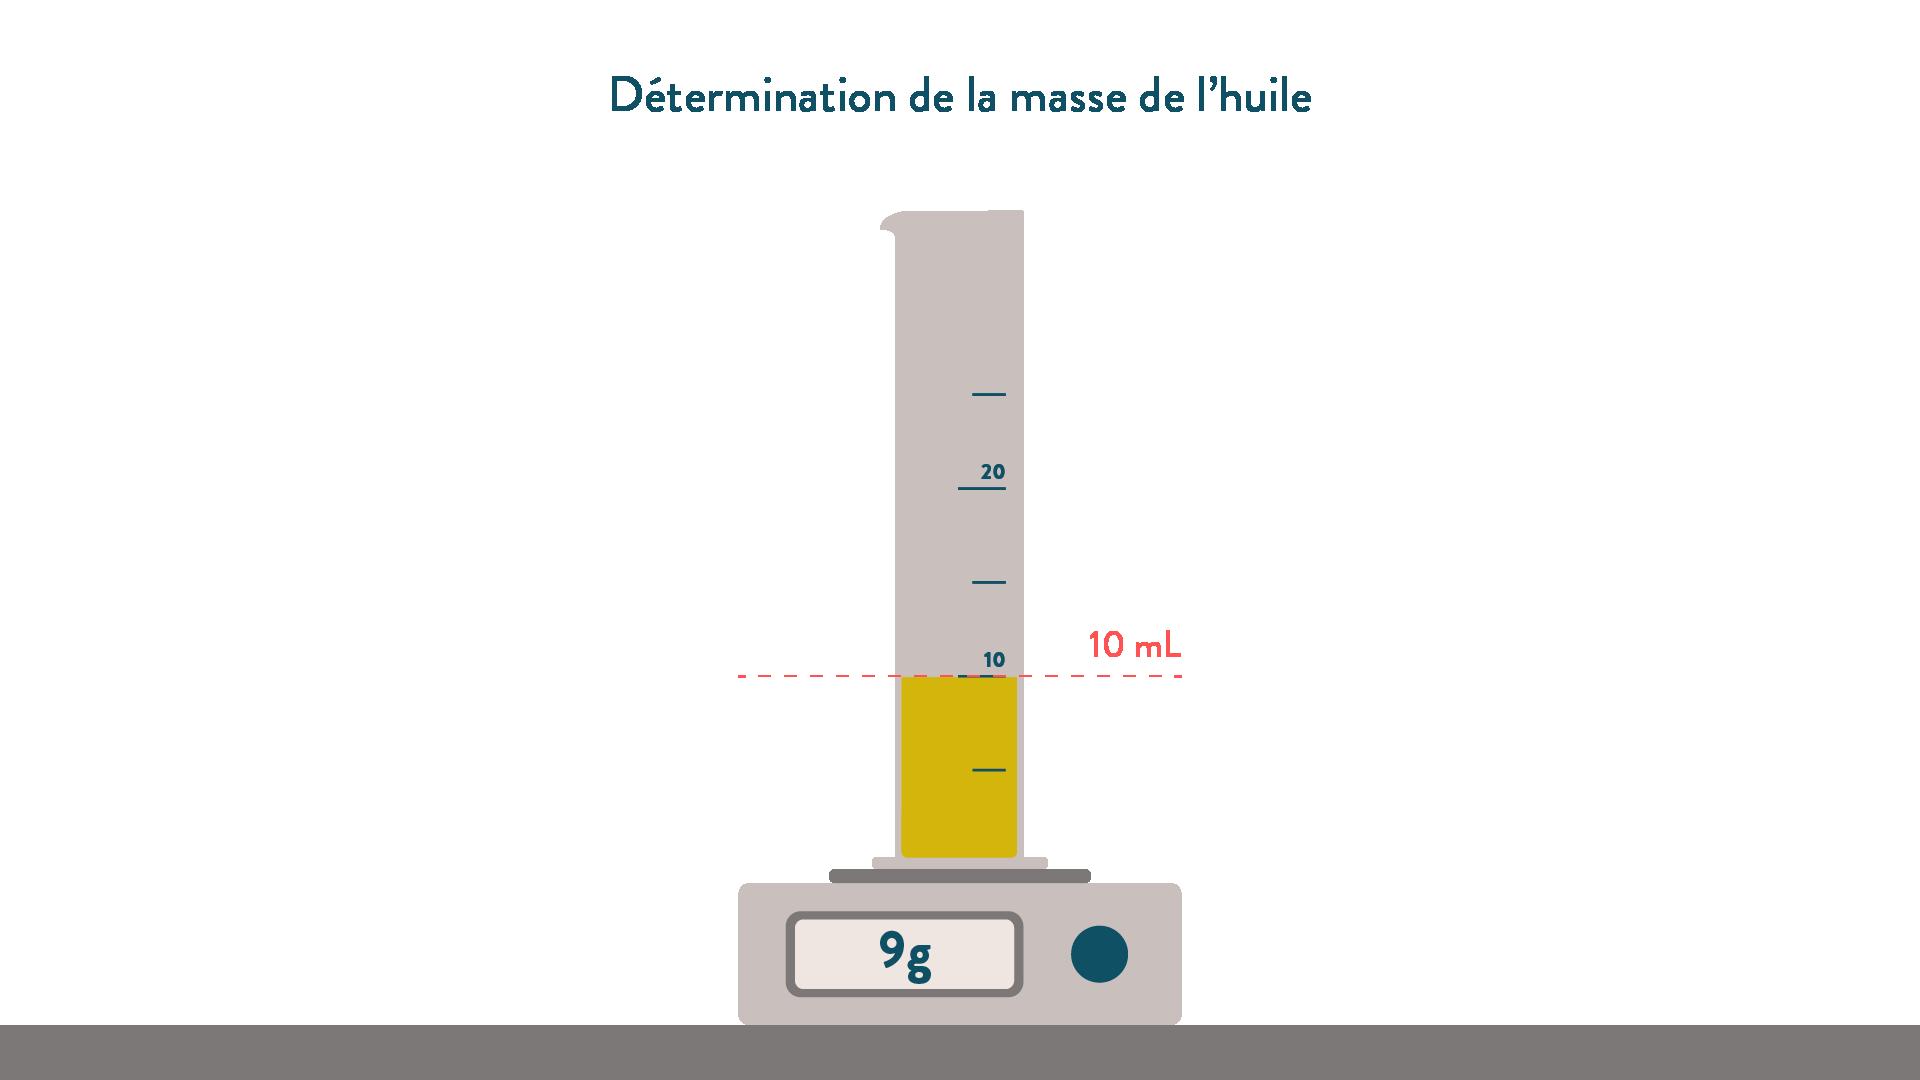 Détermination de la masse de l'huile